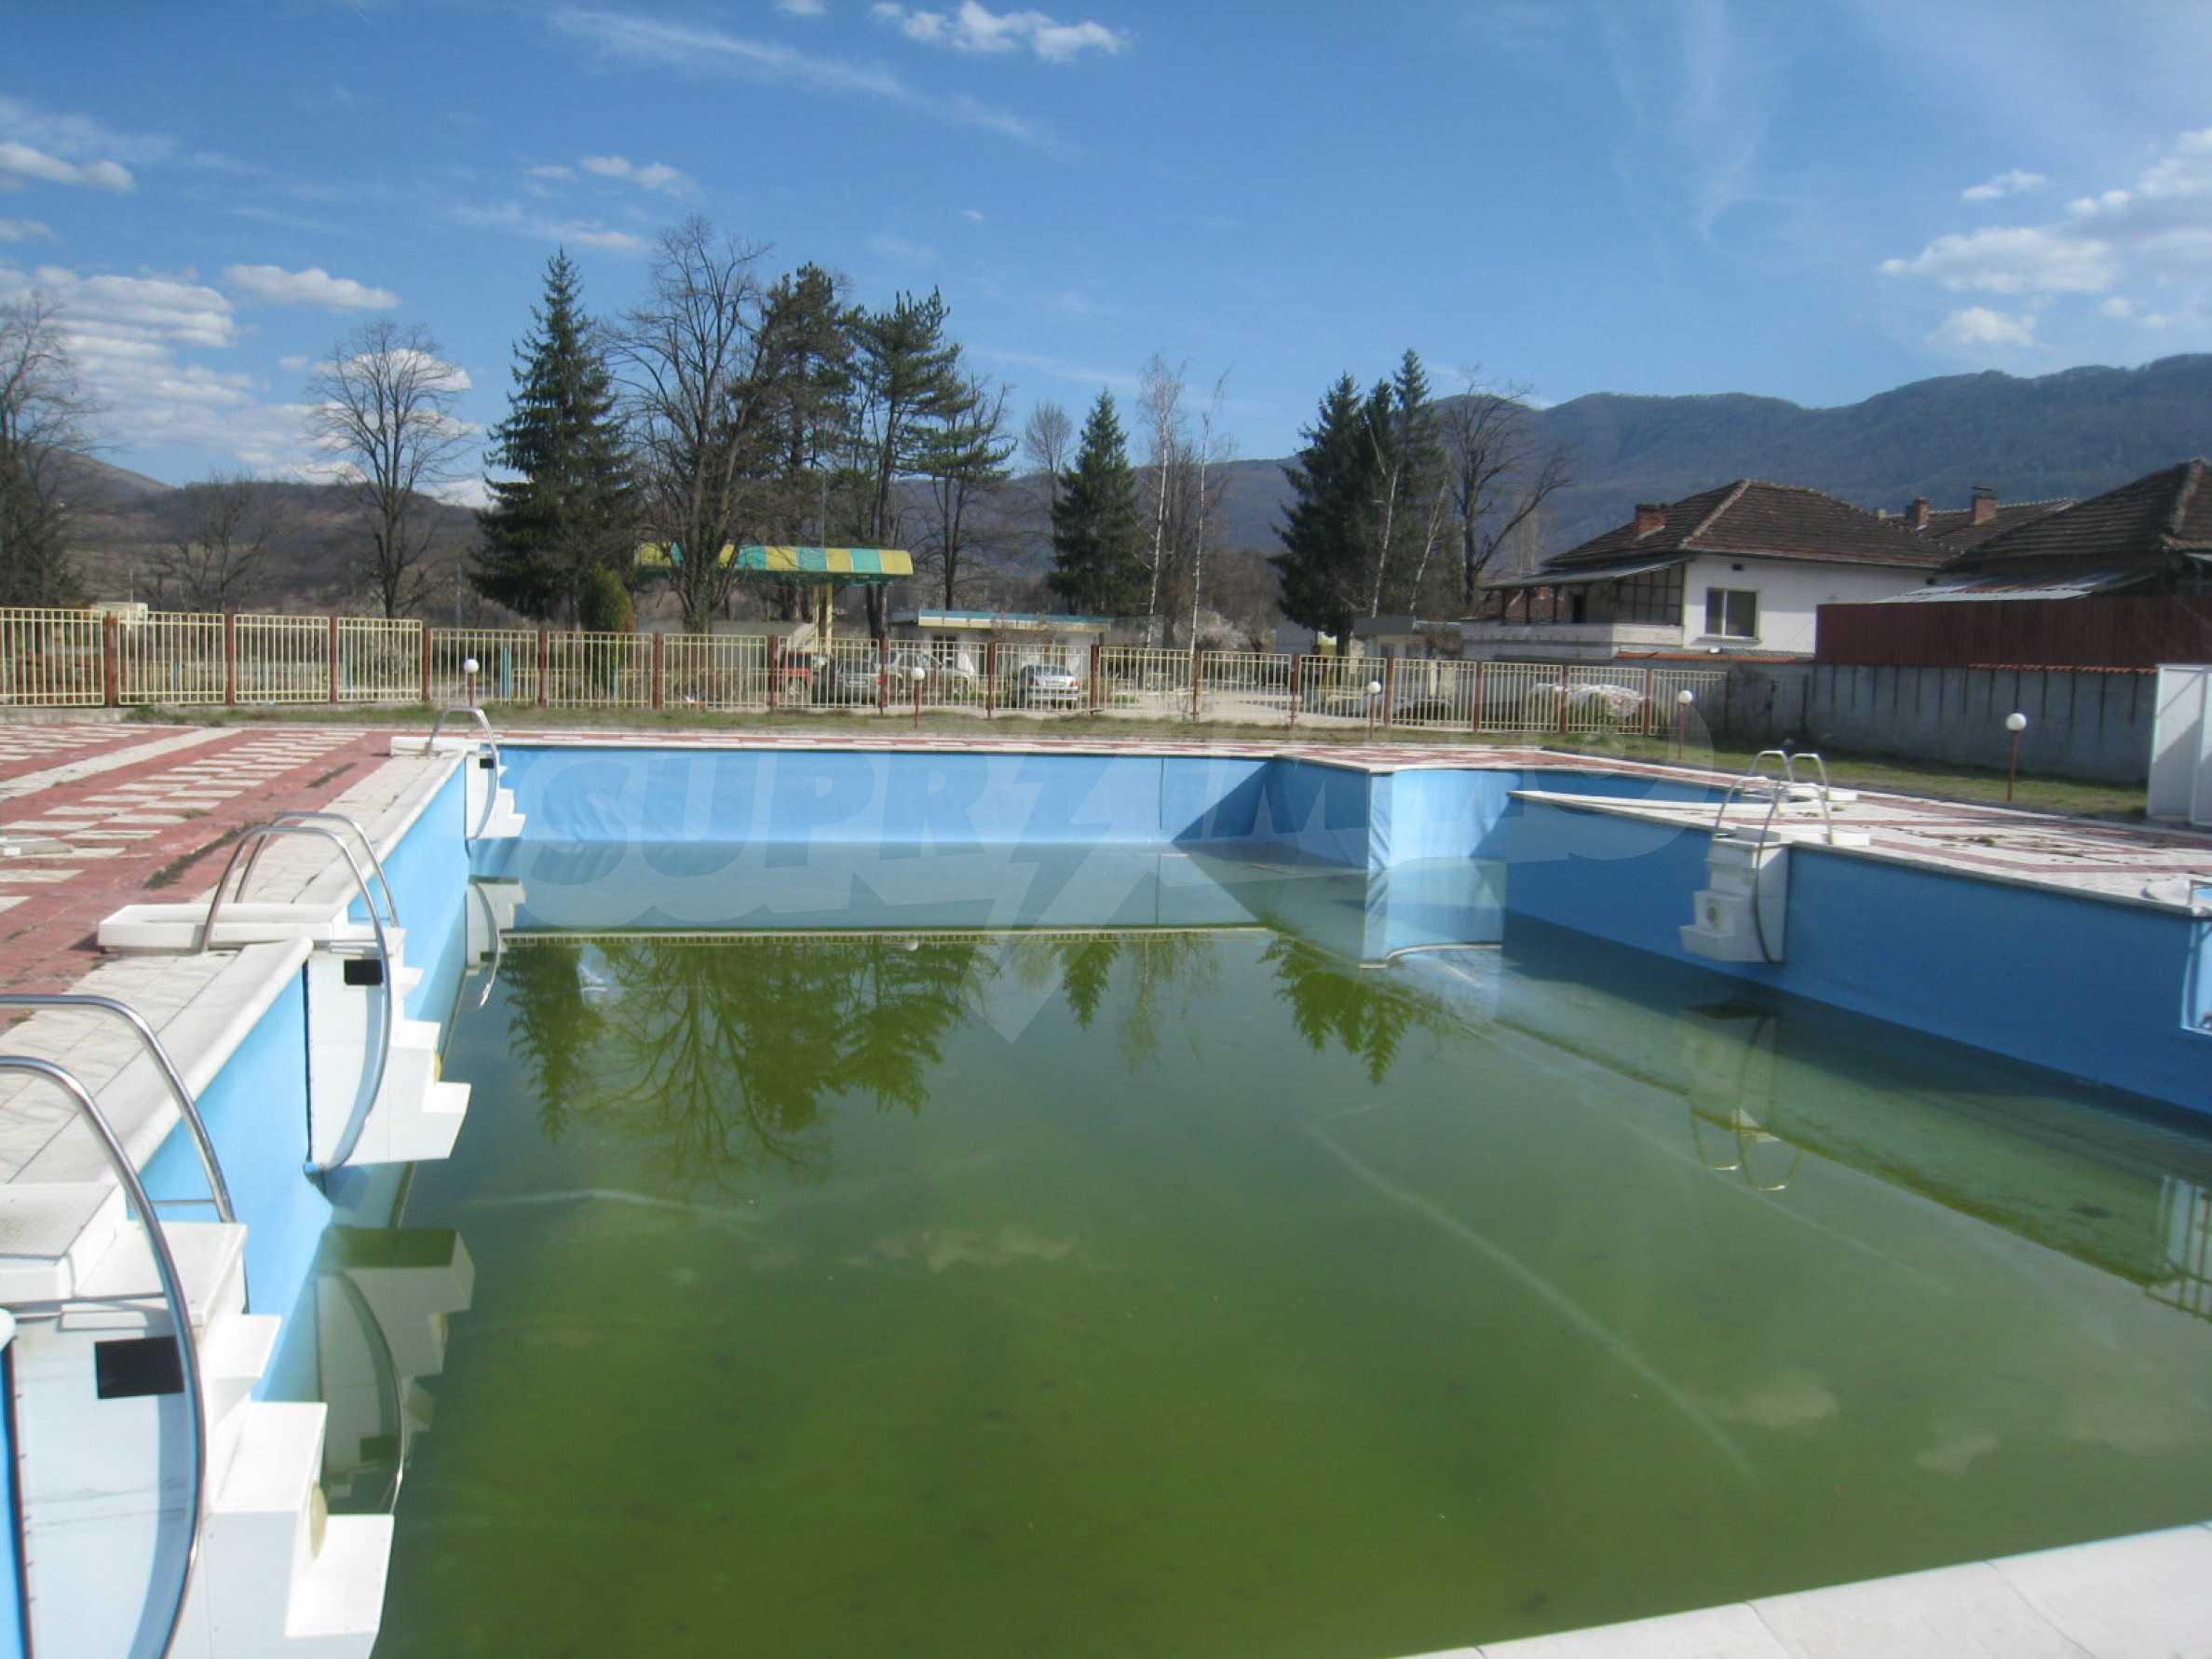 Hotelanlage mit Schwimmbad, Tankstelle und großem Grundstück in Etropole 38